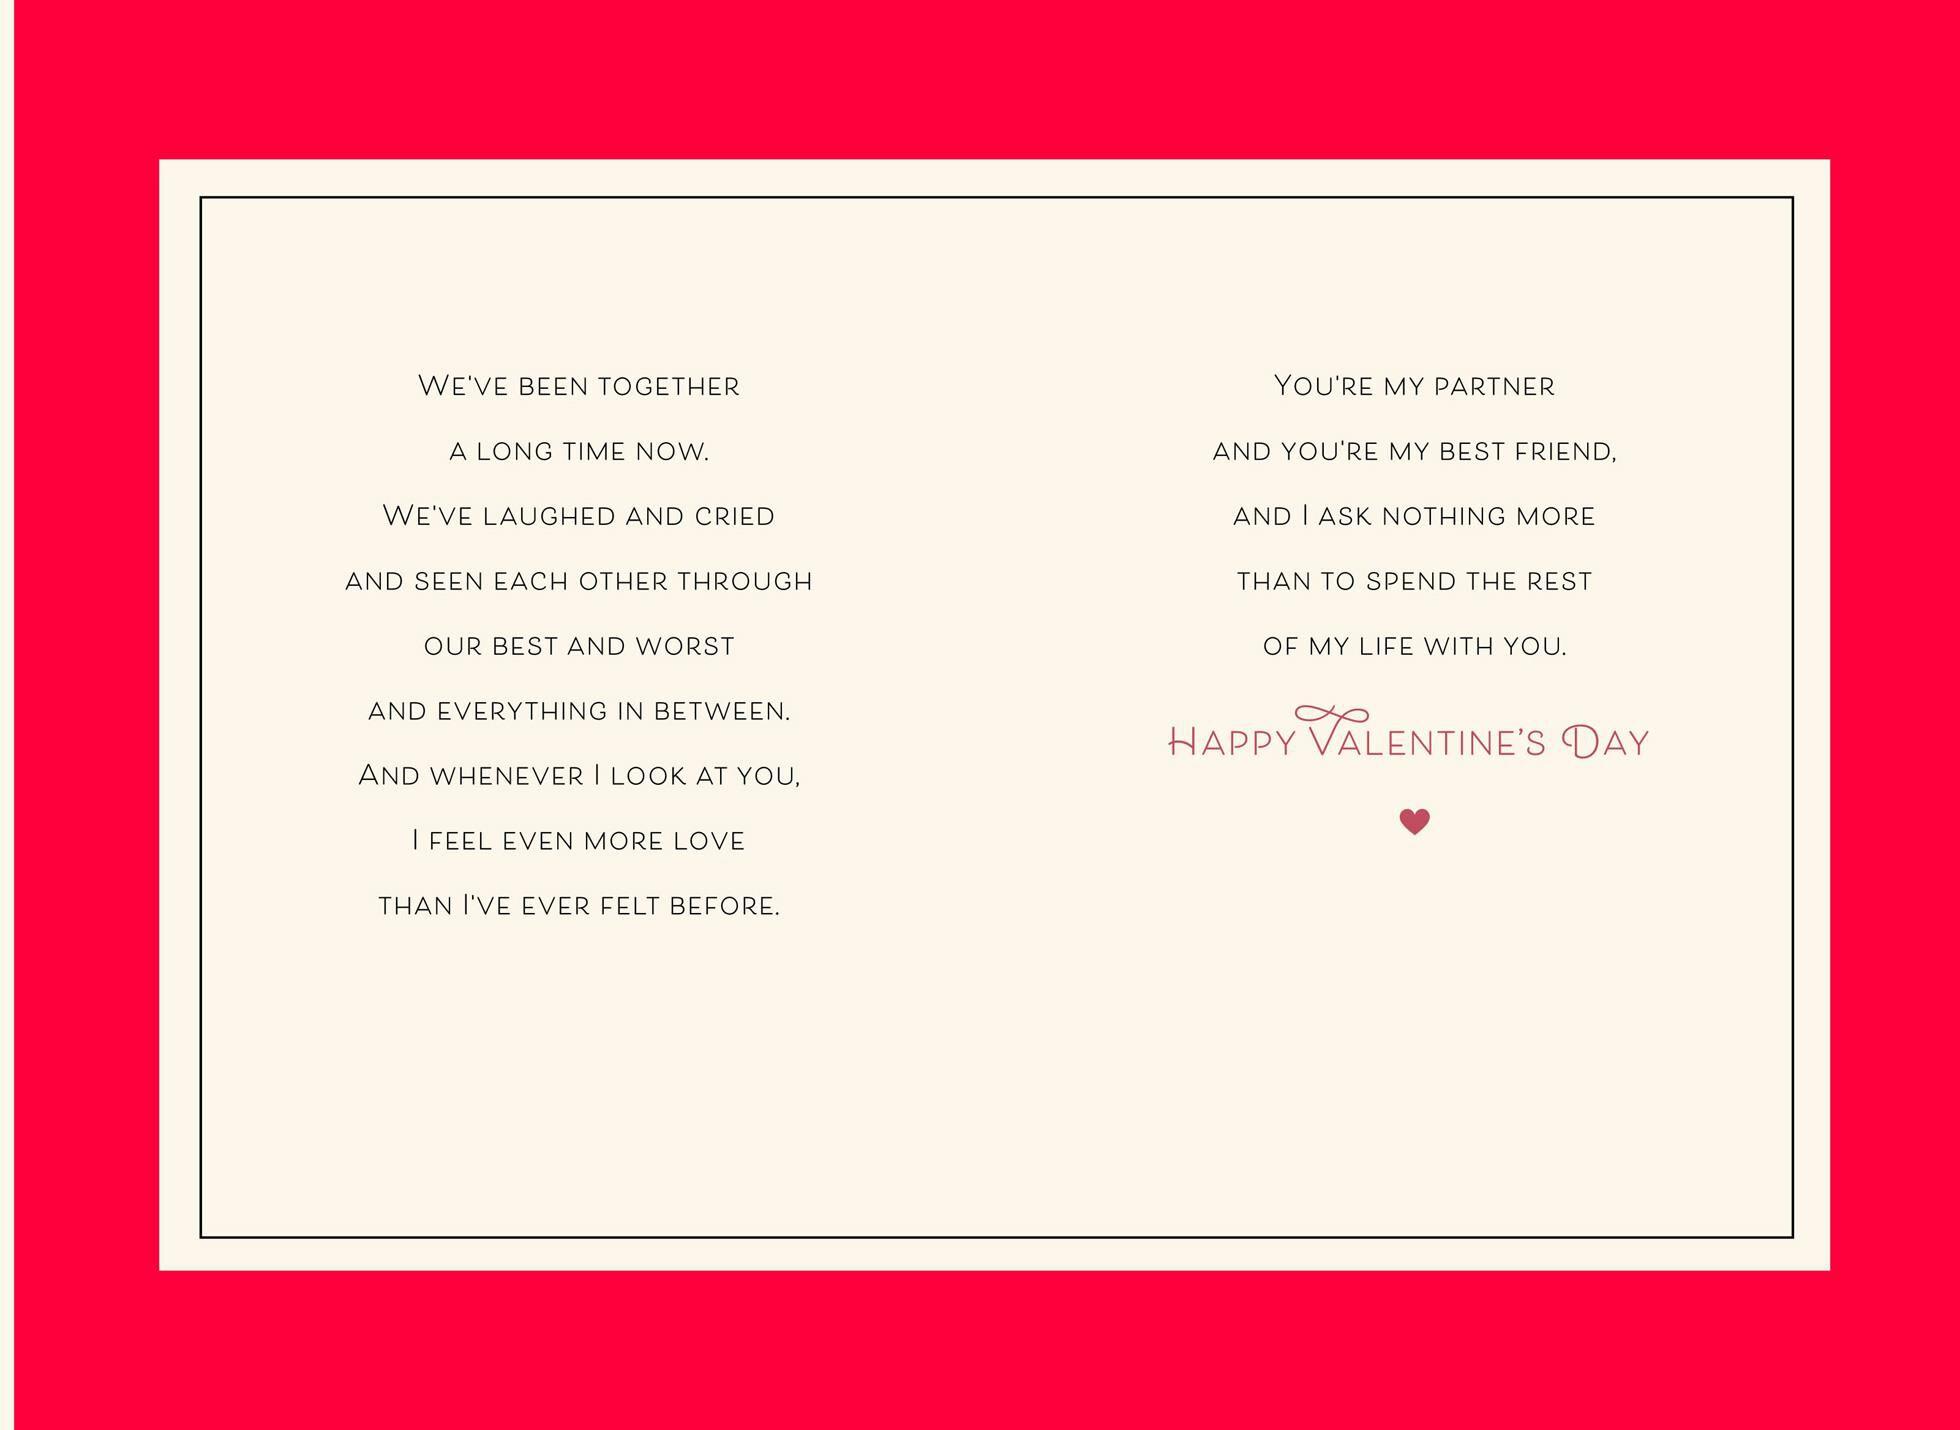 Valentineu0027s Day Cards | Hallmark   Hallmark Valentineu0027s Day Cards